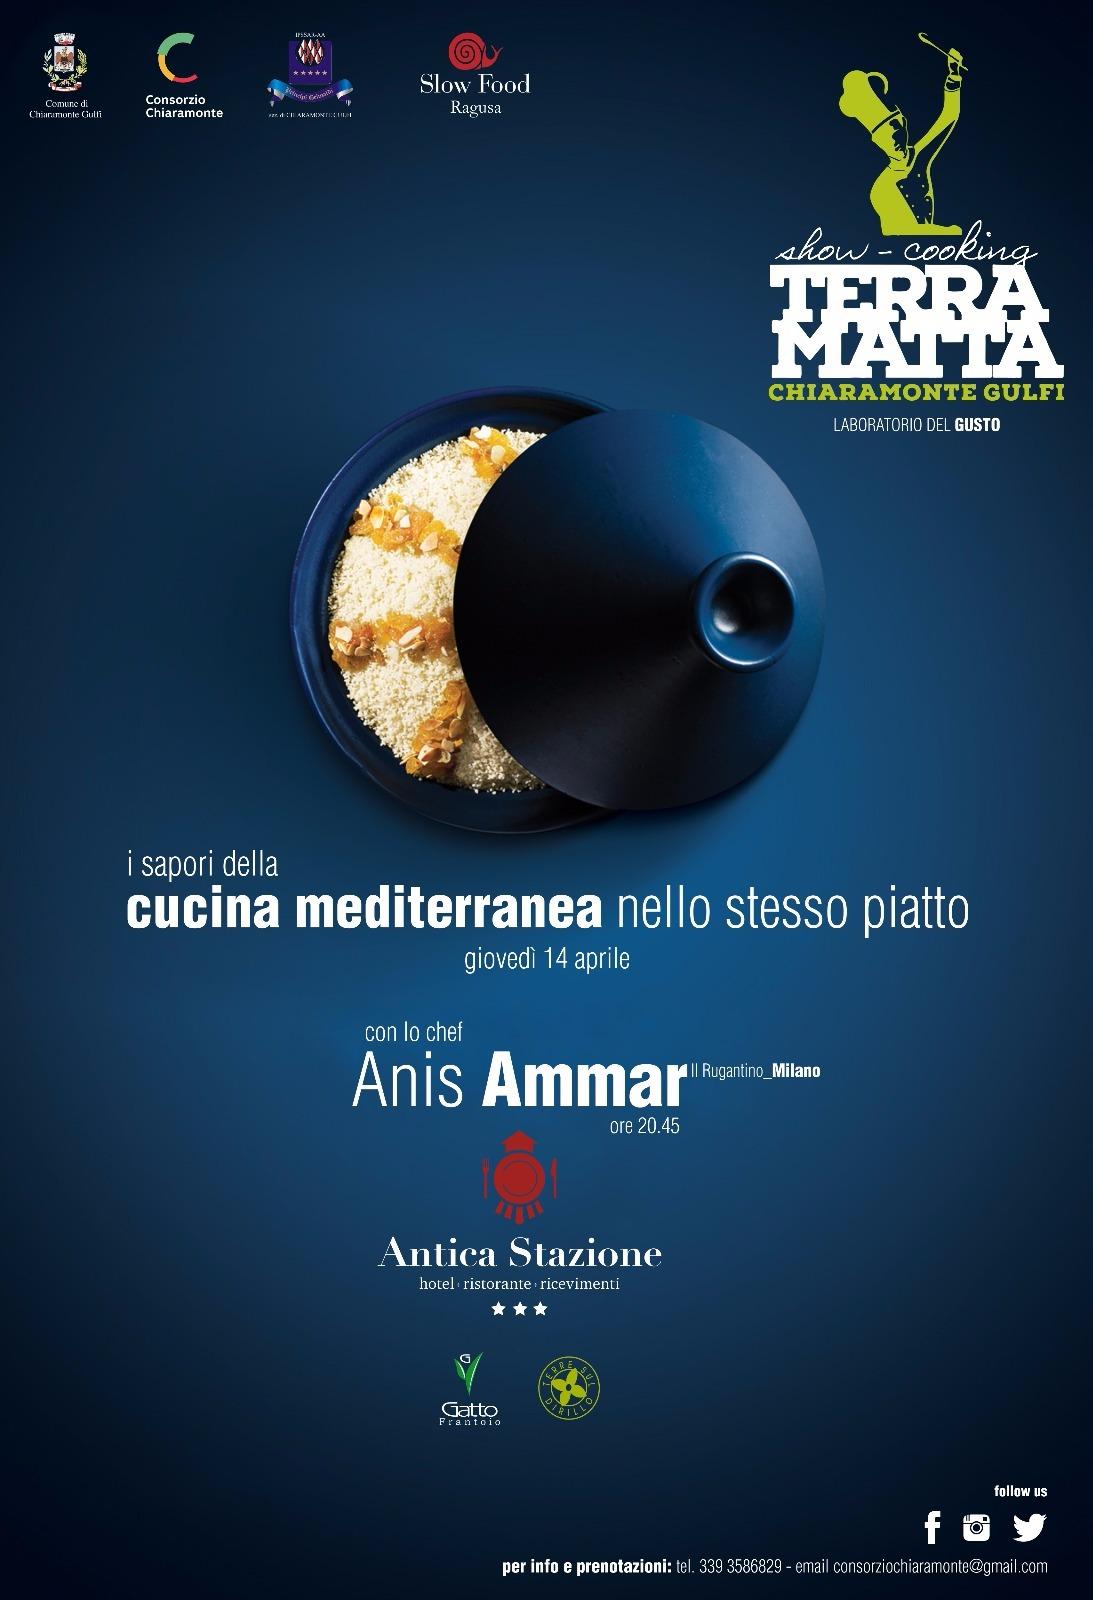 I sapori della cucina mediterranea nello stesso piatto. Giovedì 14 aprile 2016 a Chiaramonte Gulfi il primo appuntamento del Laboratorio del Gusto Terra Matta